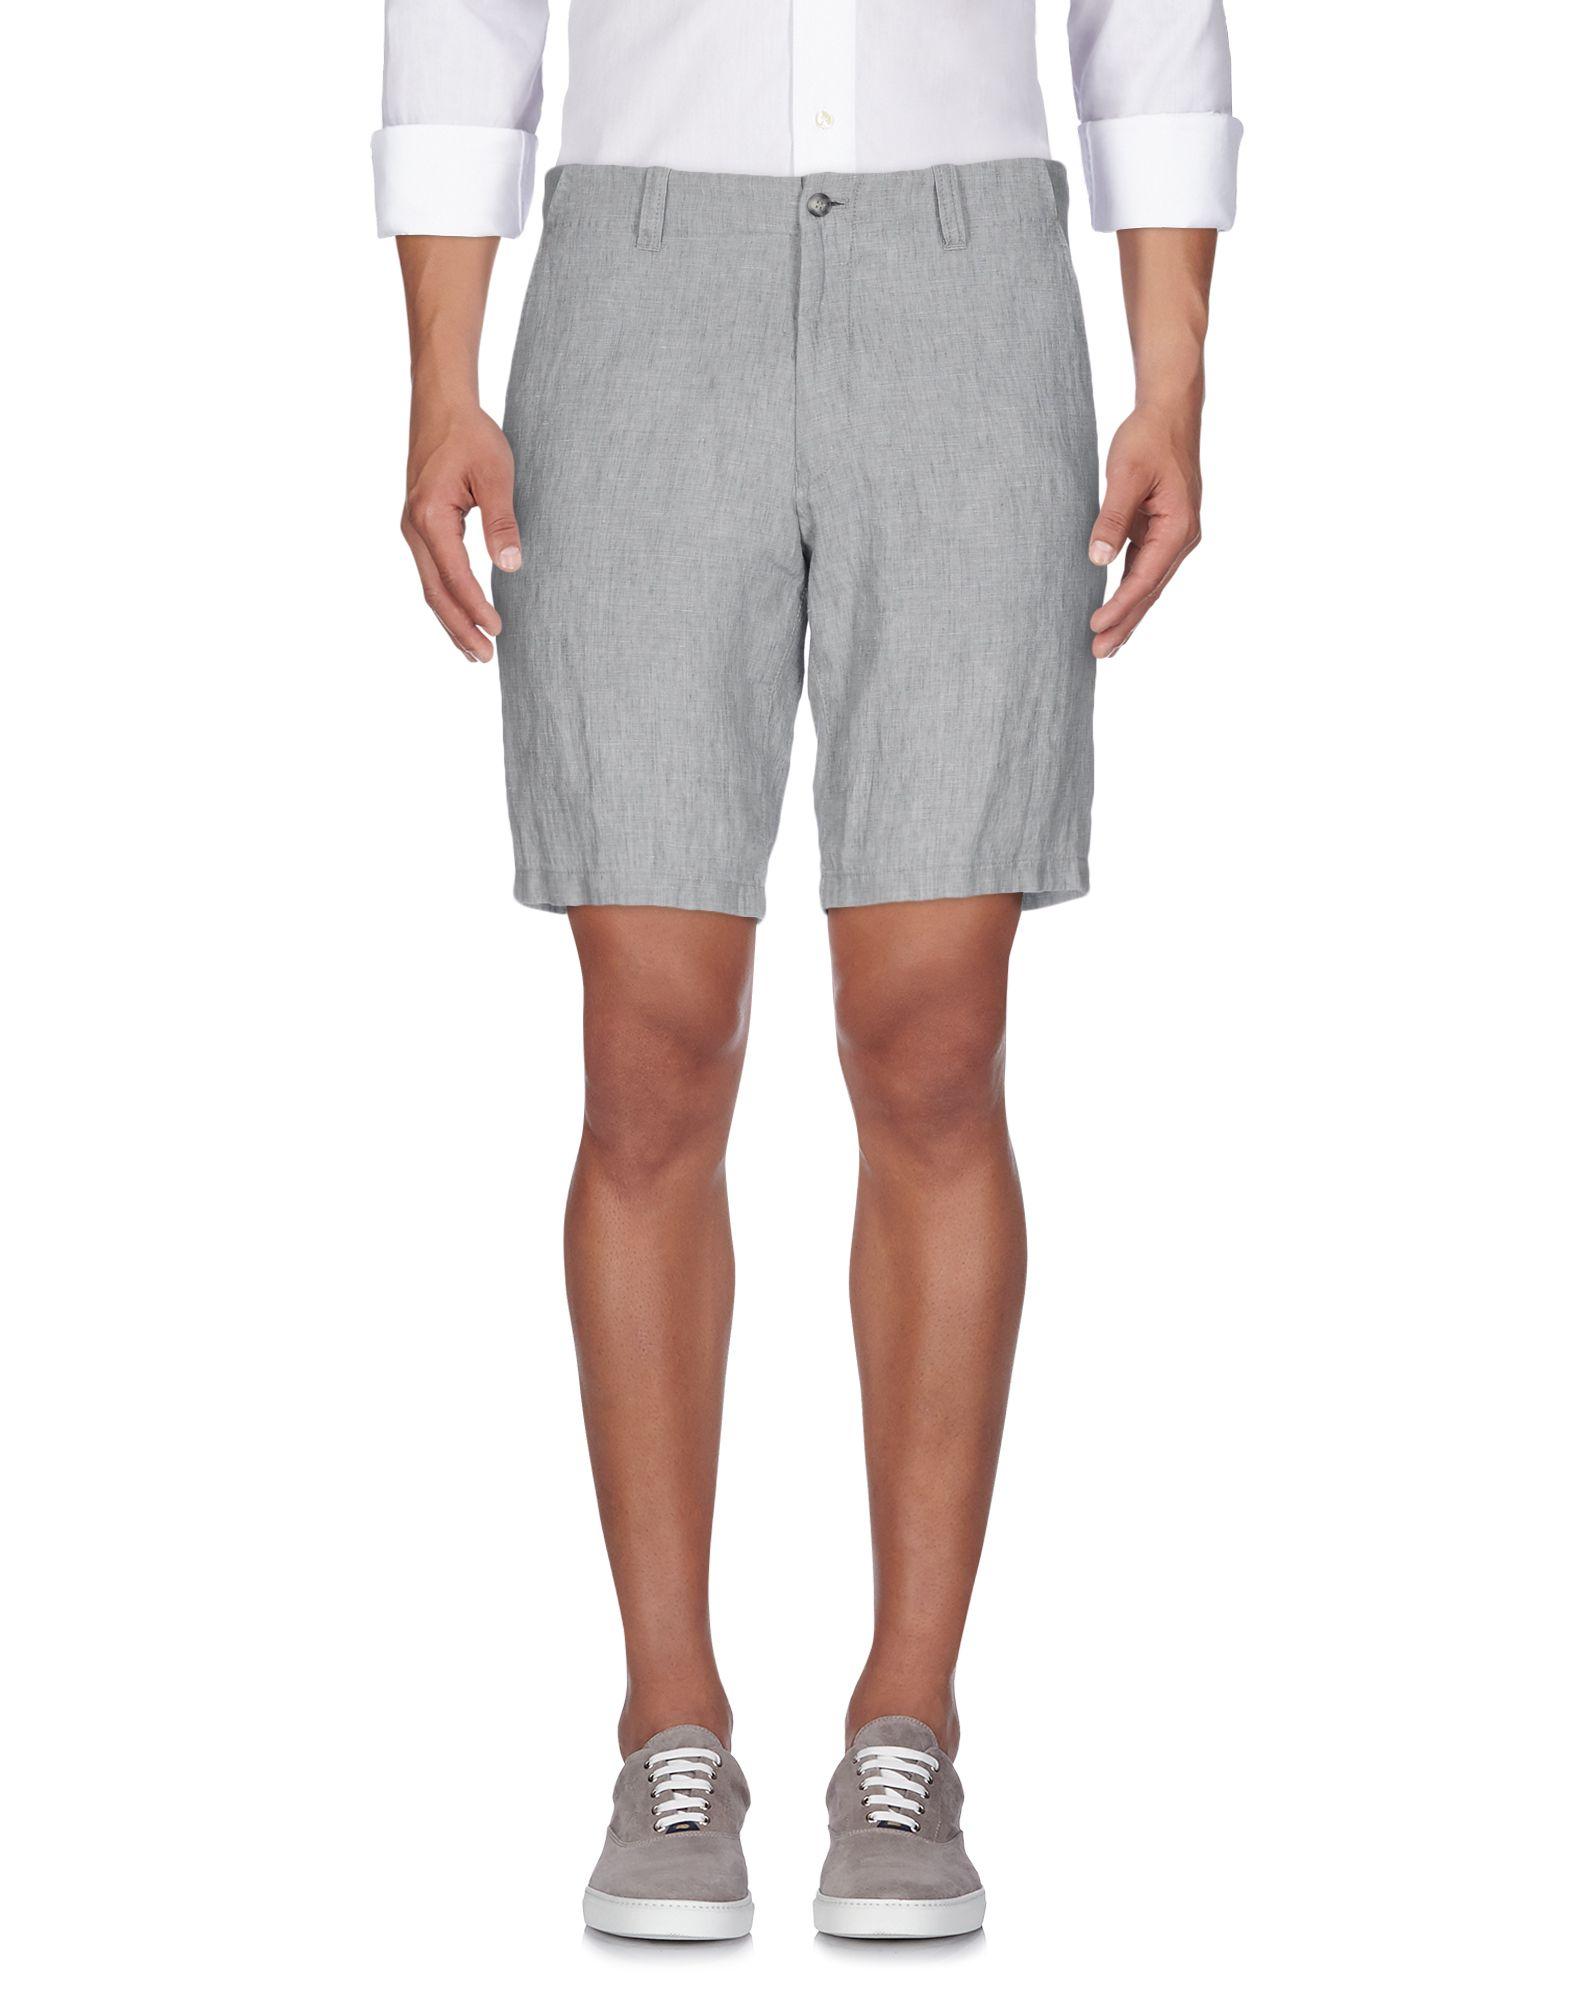 TIGER OF SWEDEN Herren Bermudashorts Farbe Grau Größe 3